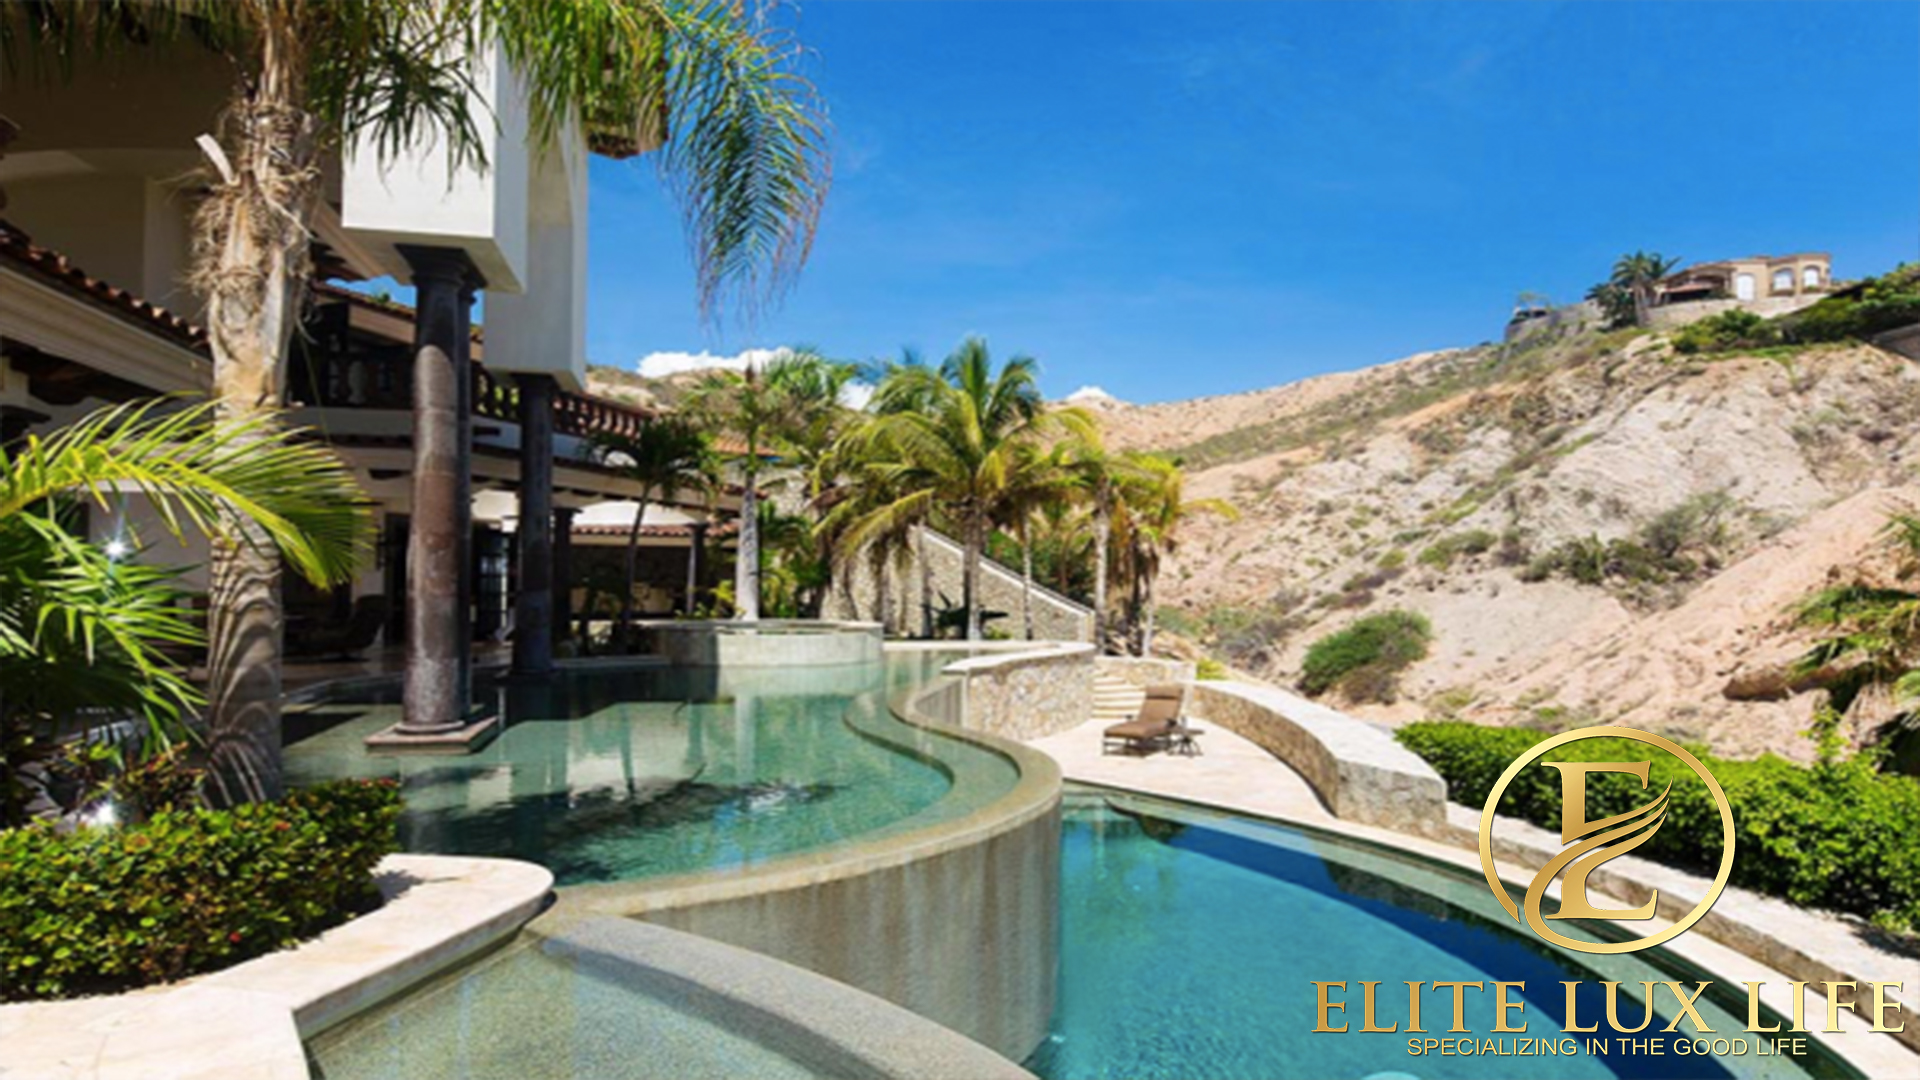 Elite Villa de la Vida 4